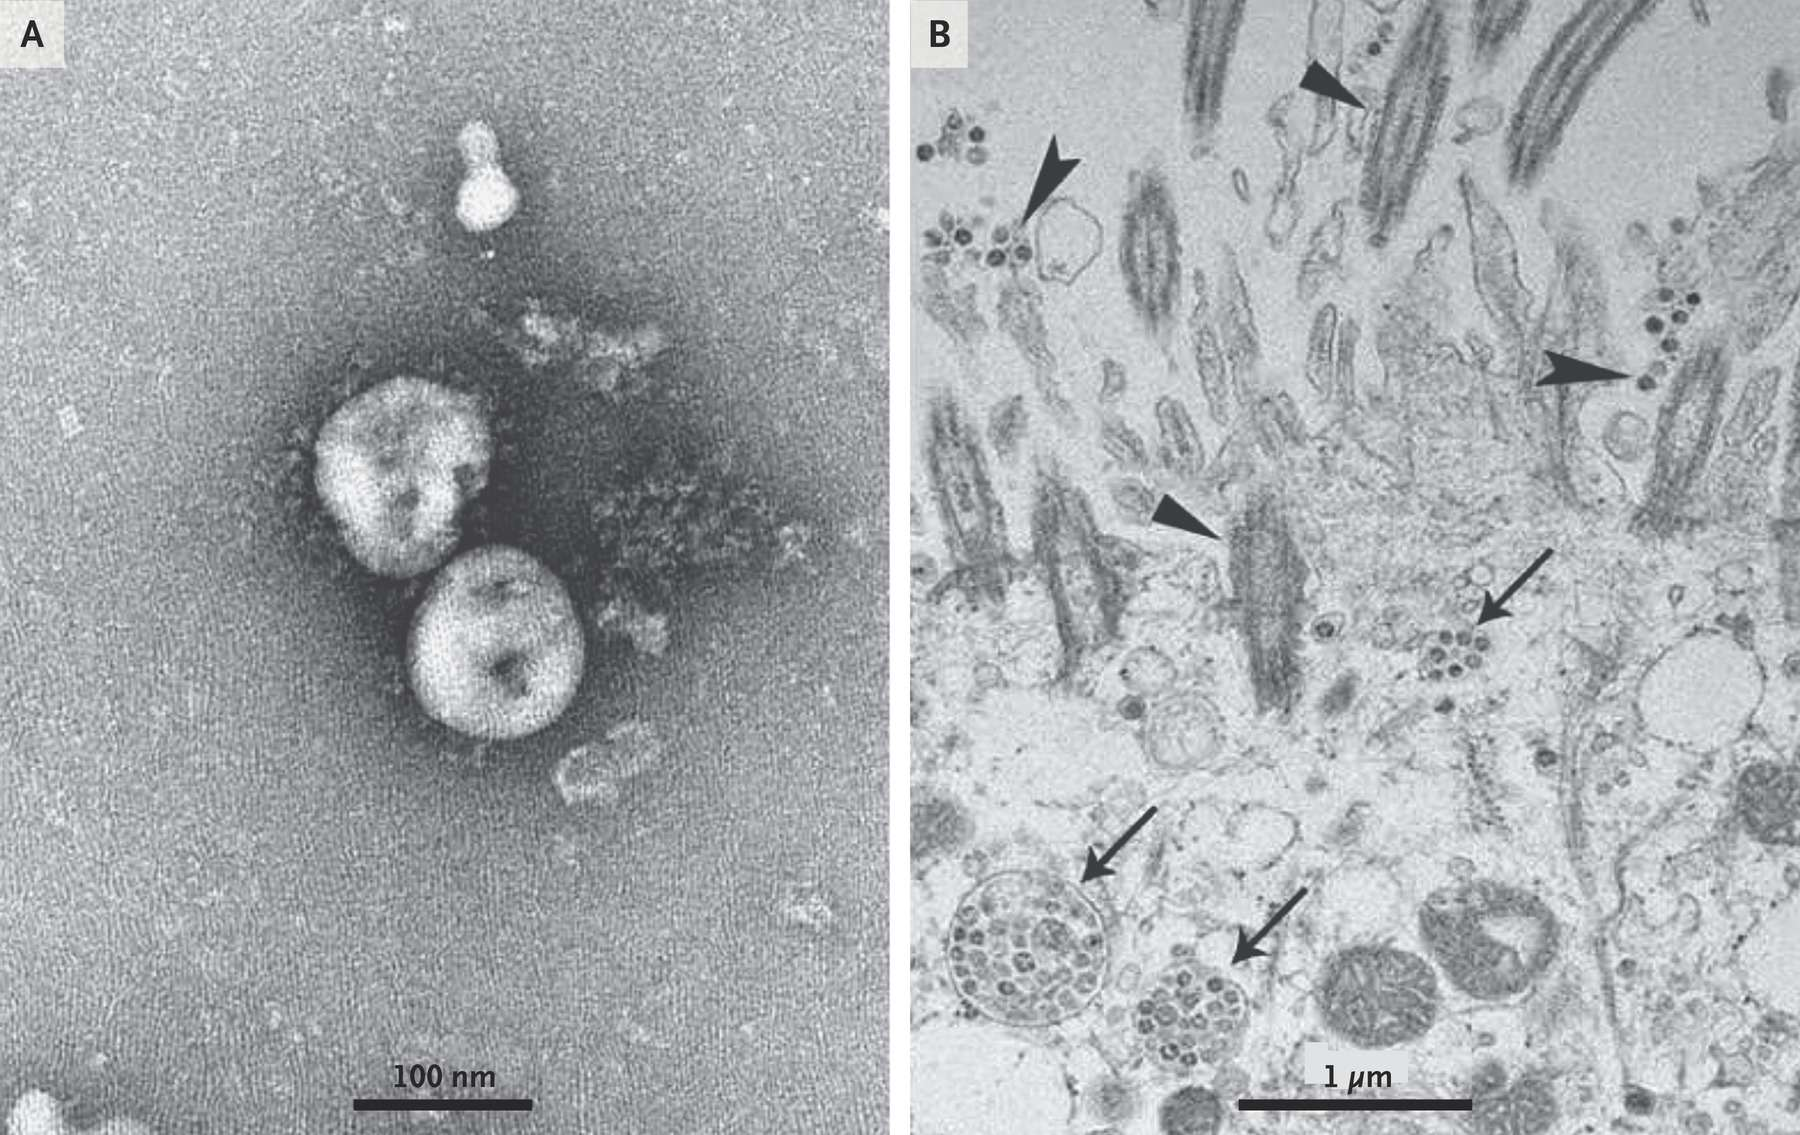 A. Des particules libres du virus 2019-nCoV photographiées en microscopie électronique en coloration négative. B. Les particules virales dans les cellules de l'épithélium respiratoire des patients infectés sont désignés par des flèches. © Zhu, et al. NEJM, janvier 2020